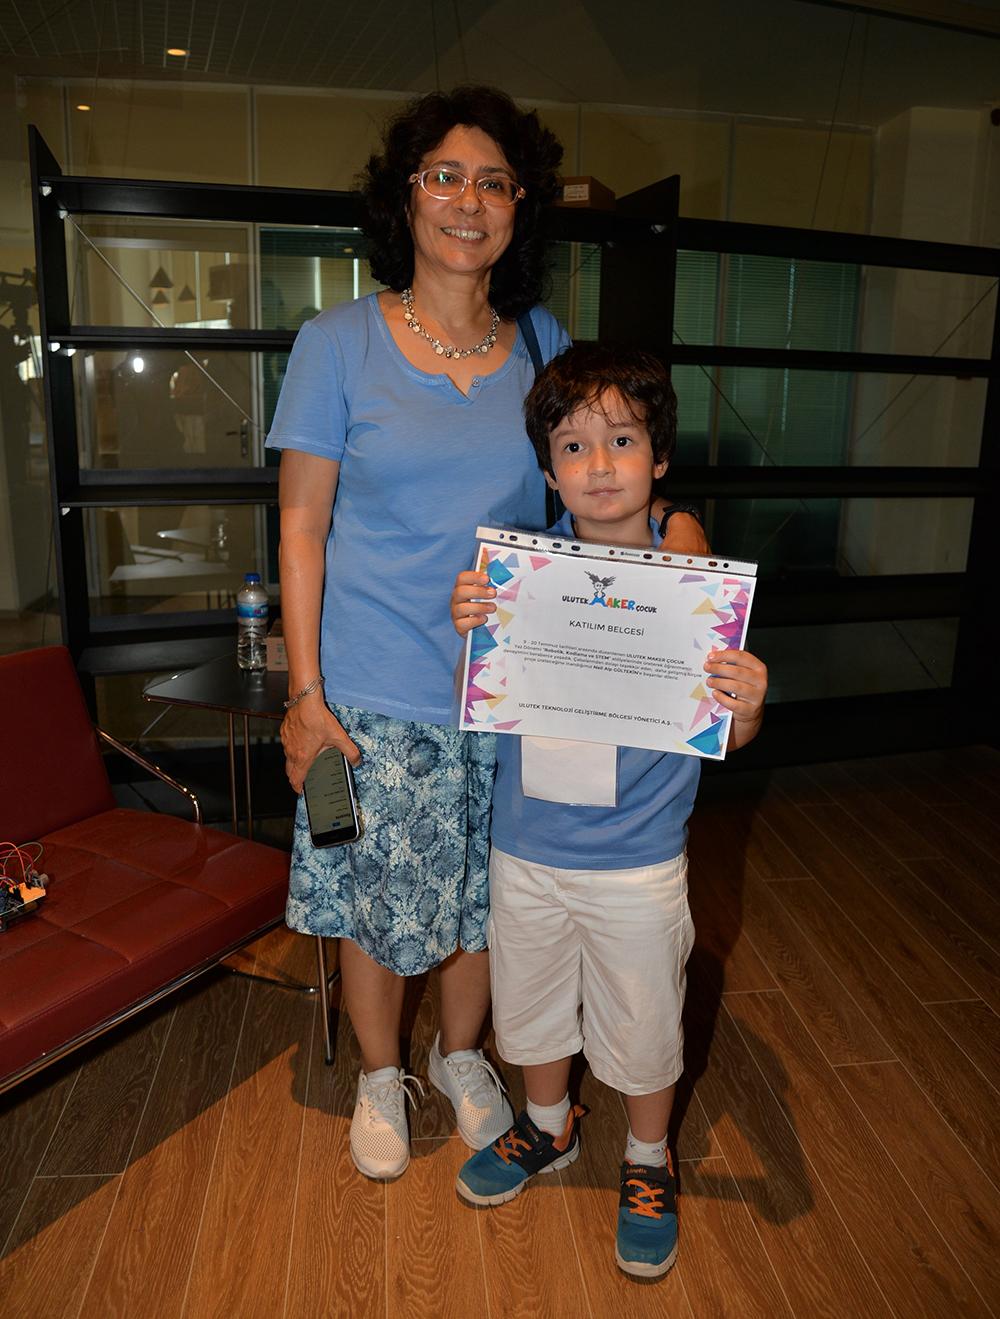 'Maker' çocuklar sertifikalarını aldı